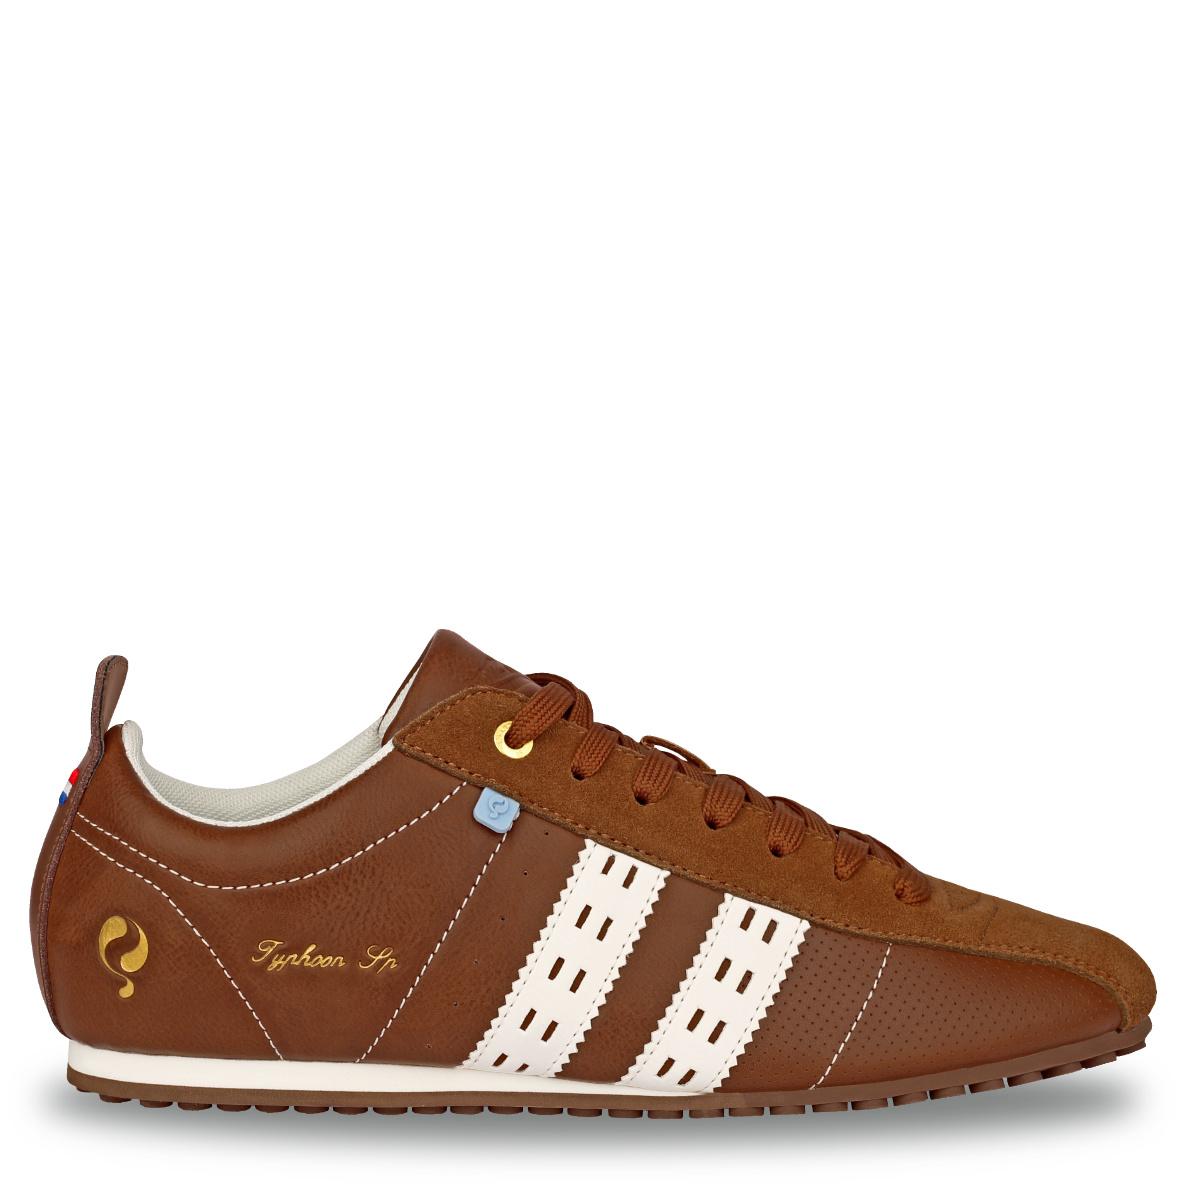 Heren Sneaker Typhoon Sp - Cognac/Wit